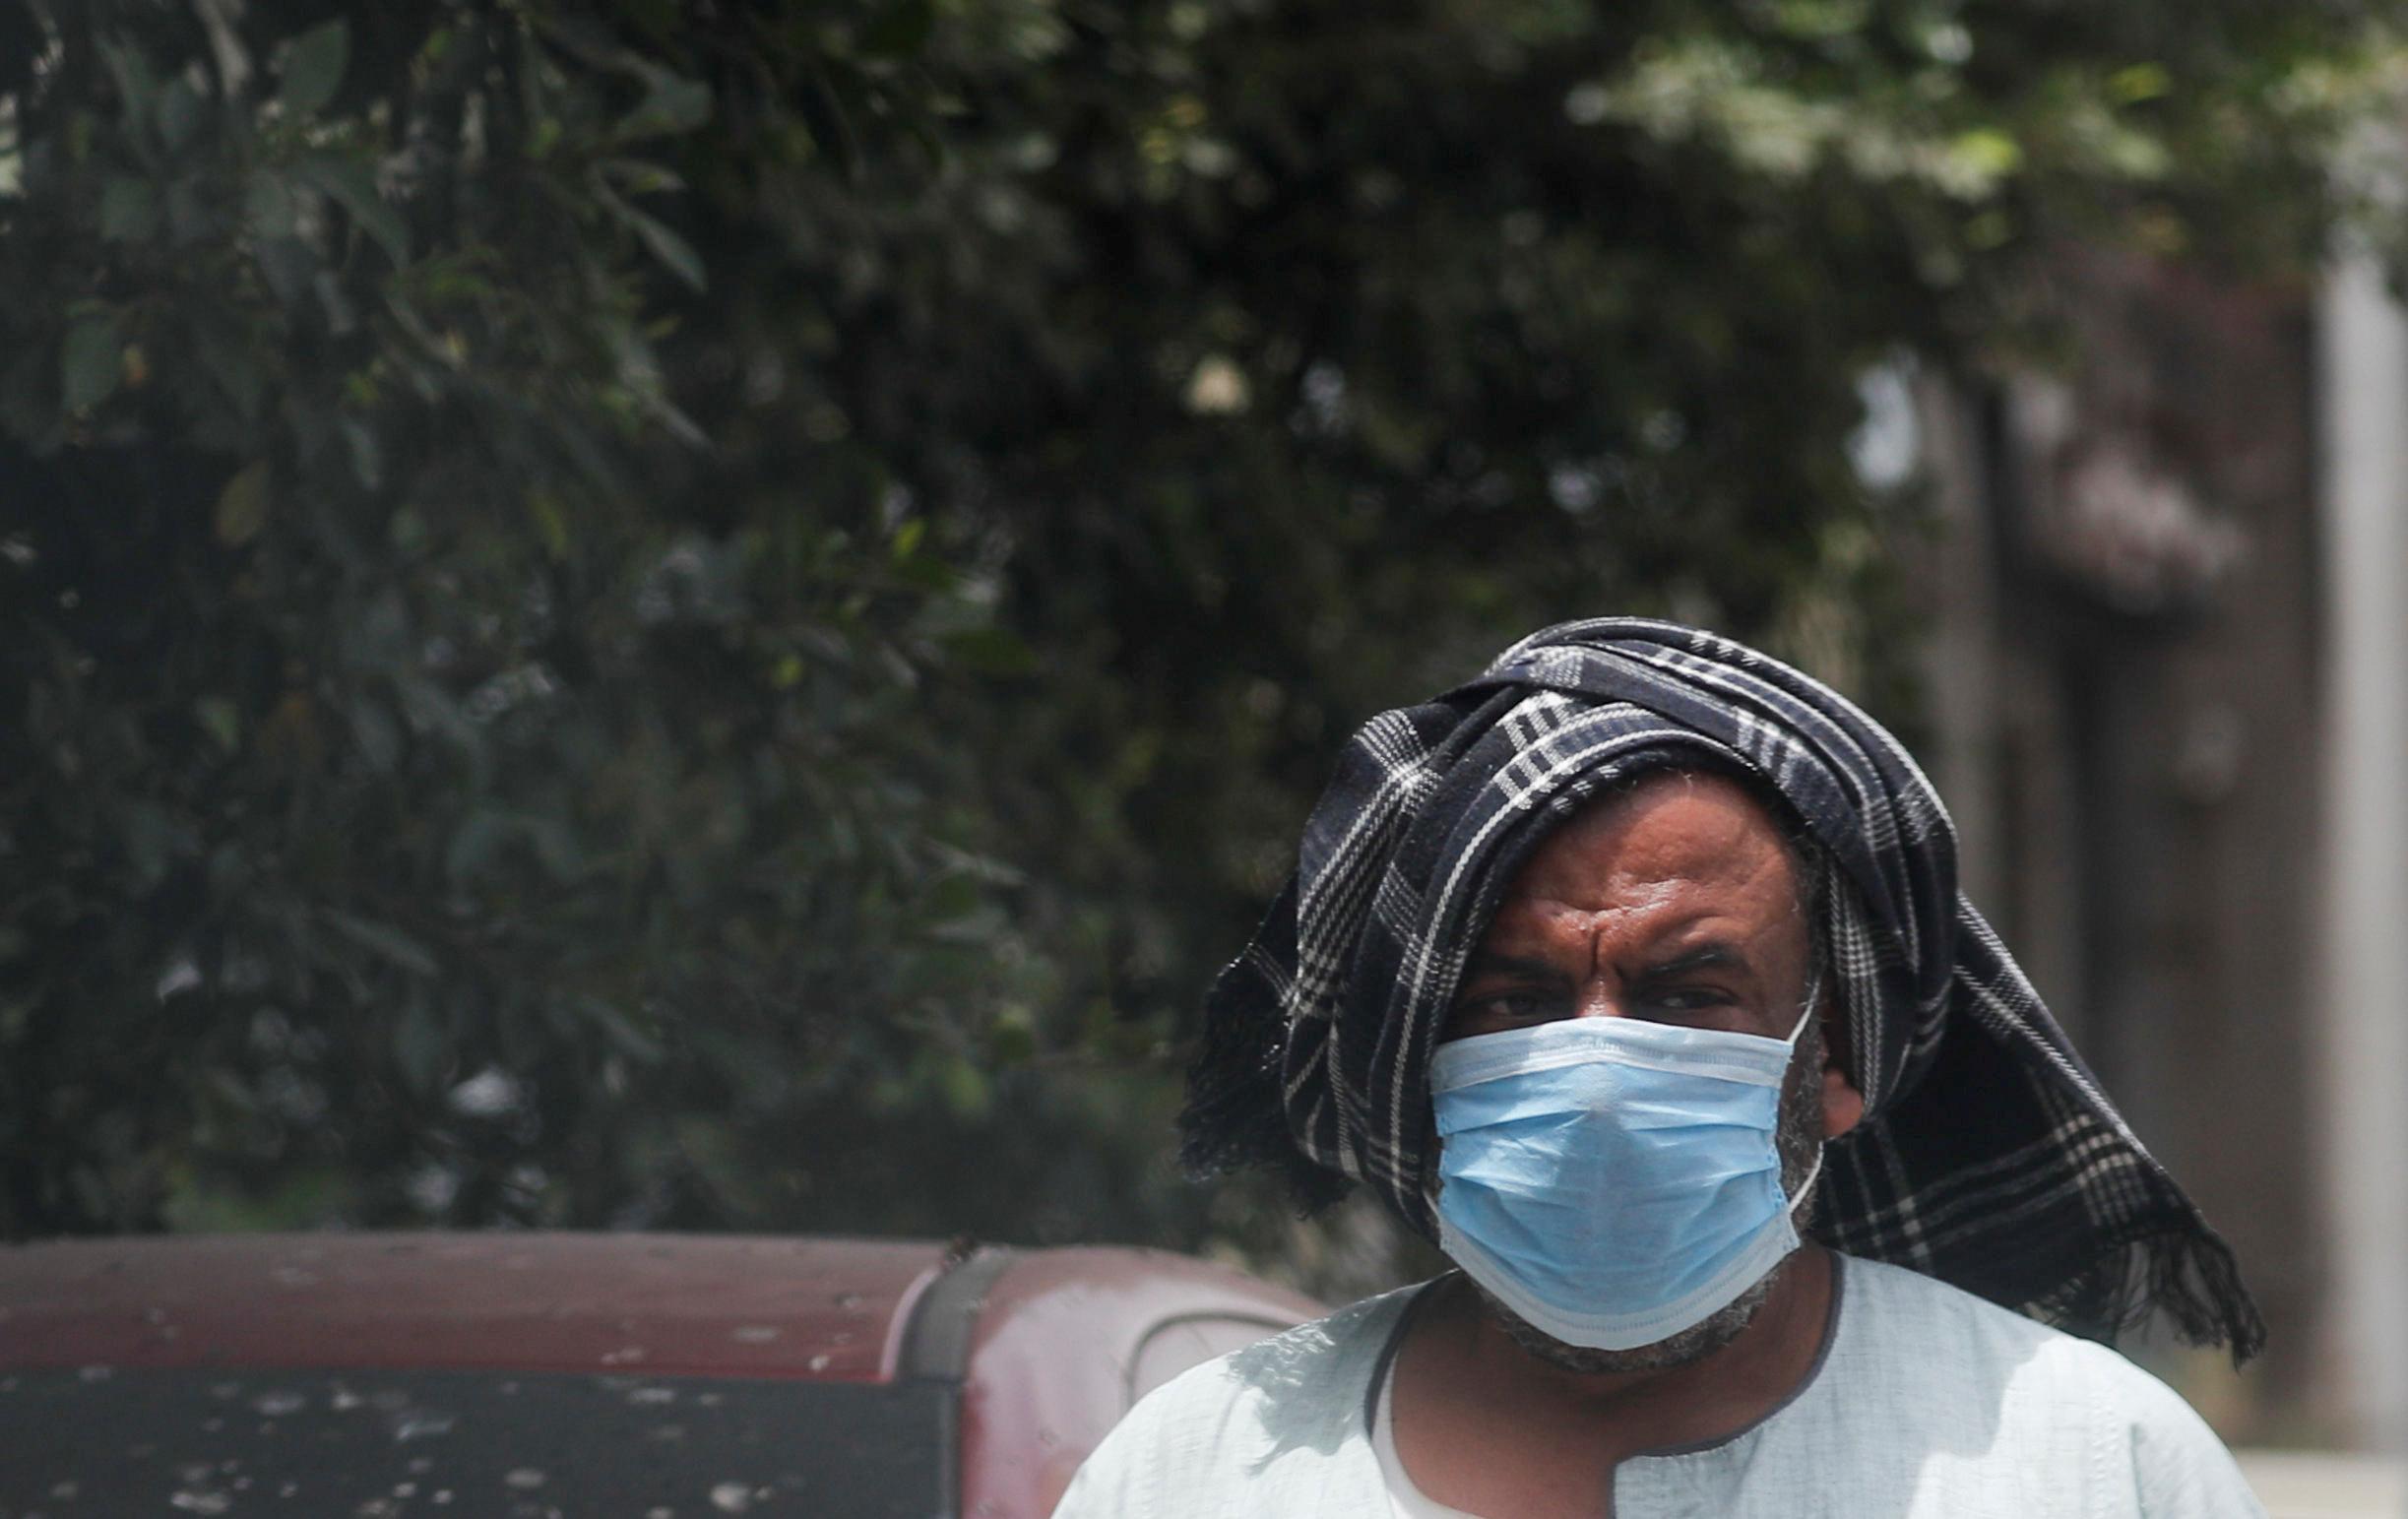 Egito registra 720 novos casos de coronavírus em um dia